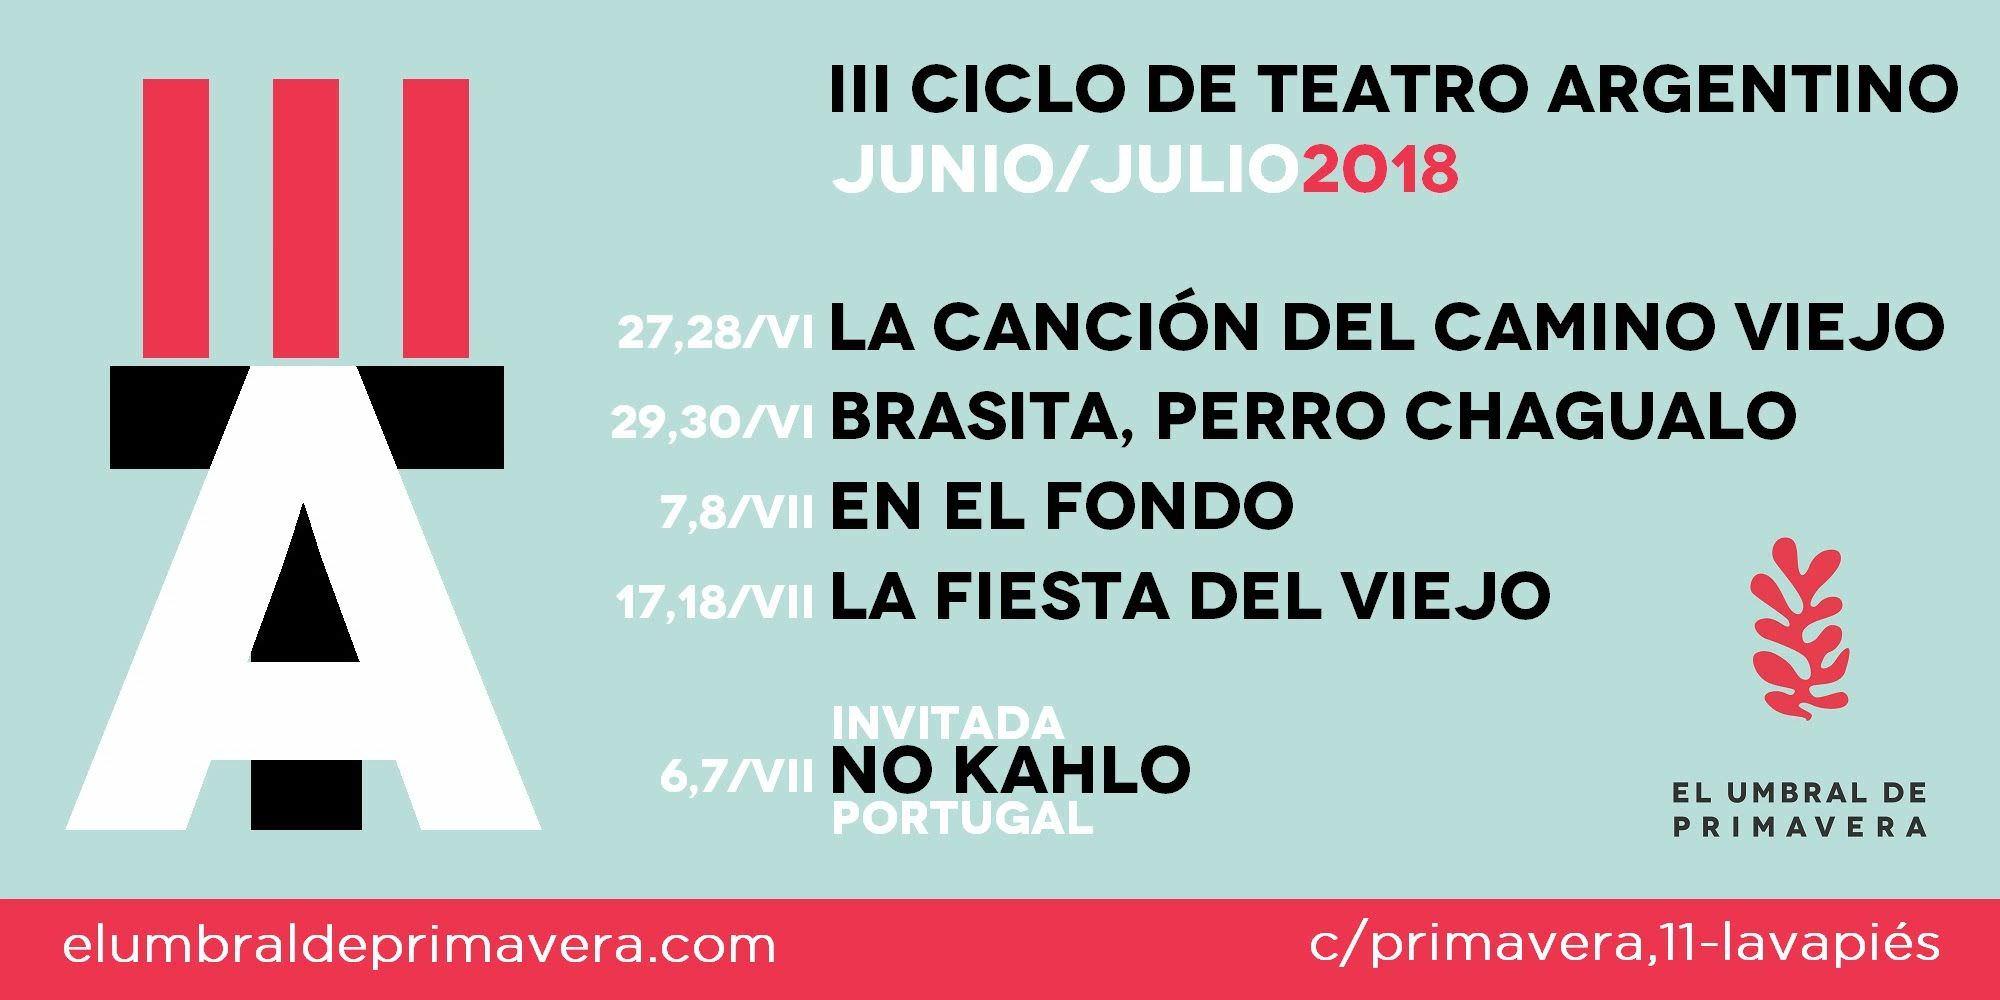 III edición del Ciclo de Teatro Argentino en Madrid